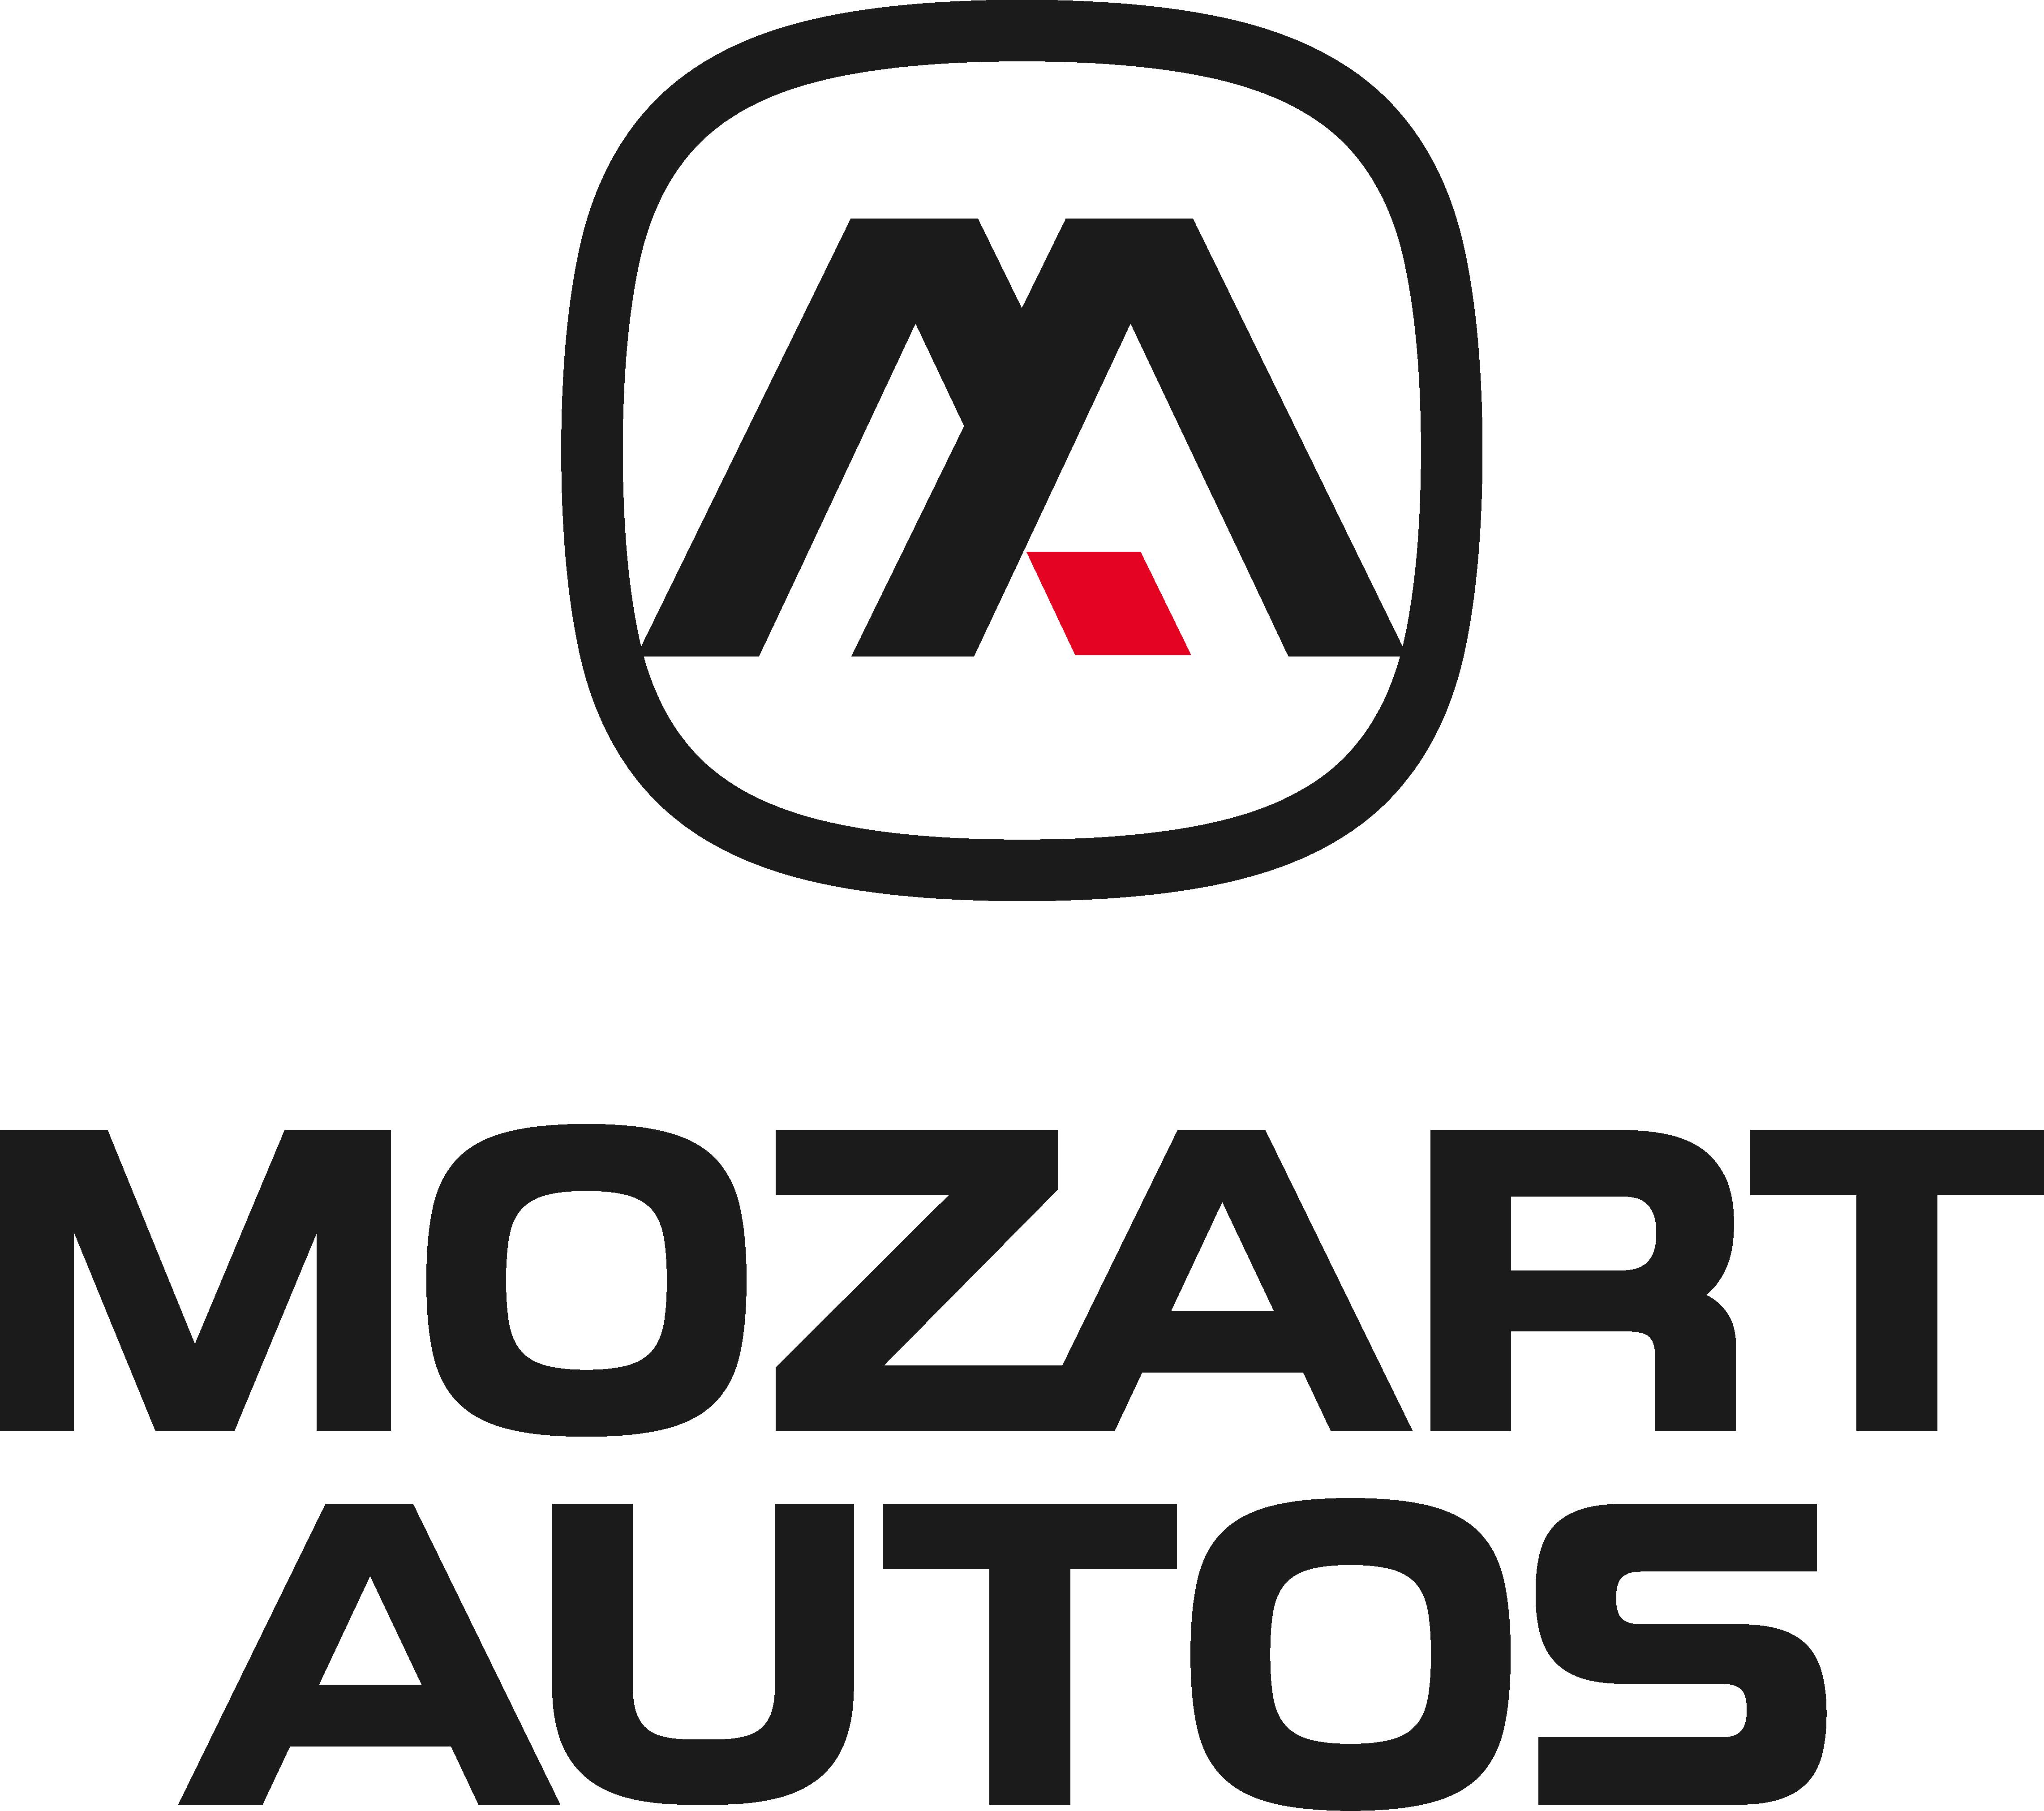 mozart autos + logo (couleur) en hauteur